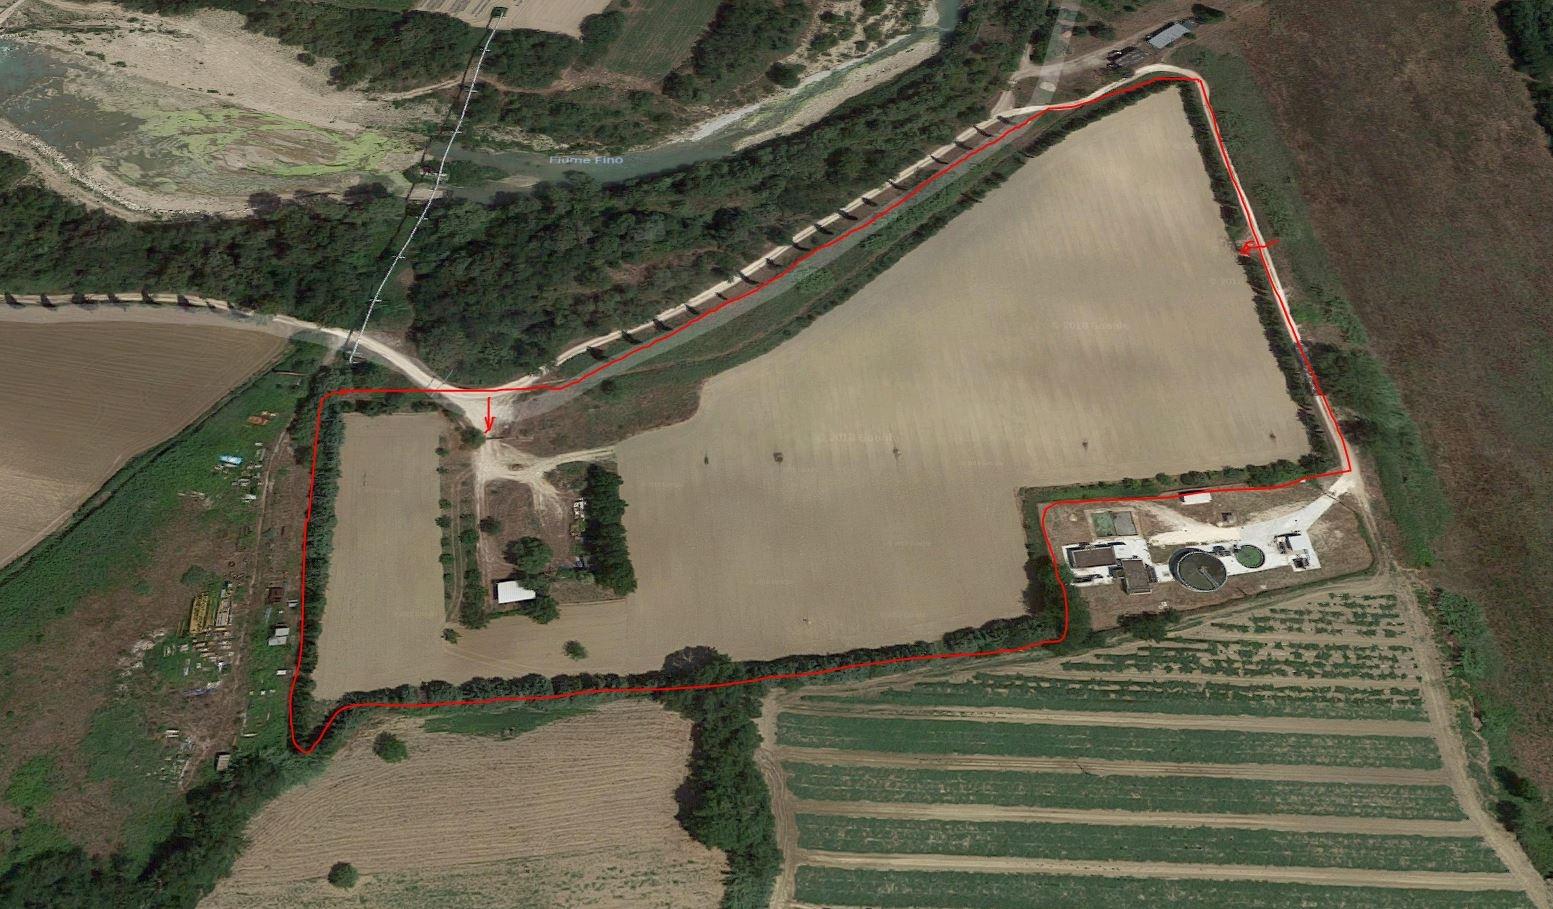 Terreno Agricolo in vendita a Collecorvino, 9999 locali, zona Zona: Congiunti, prezzo € 210.000 | CambioCasa.it